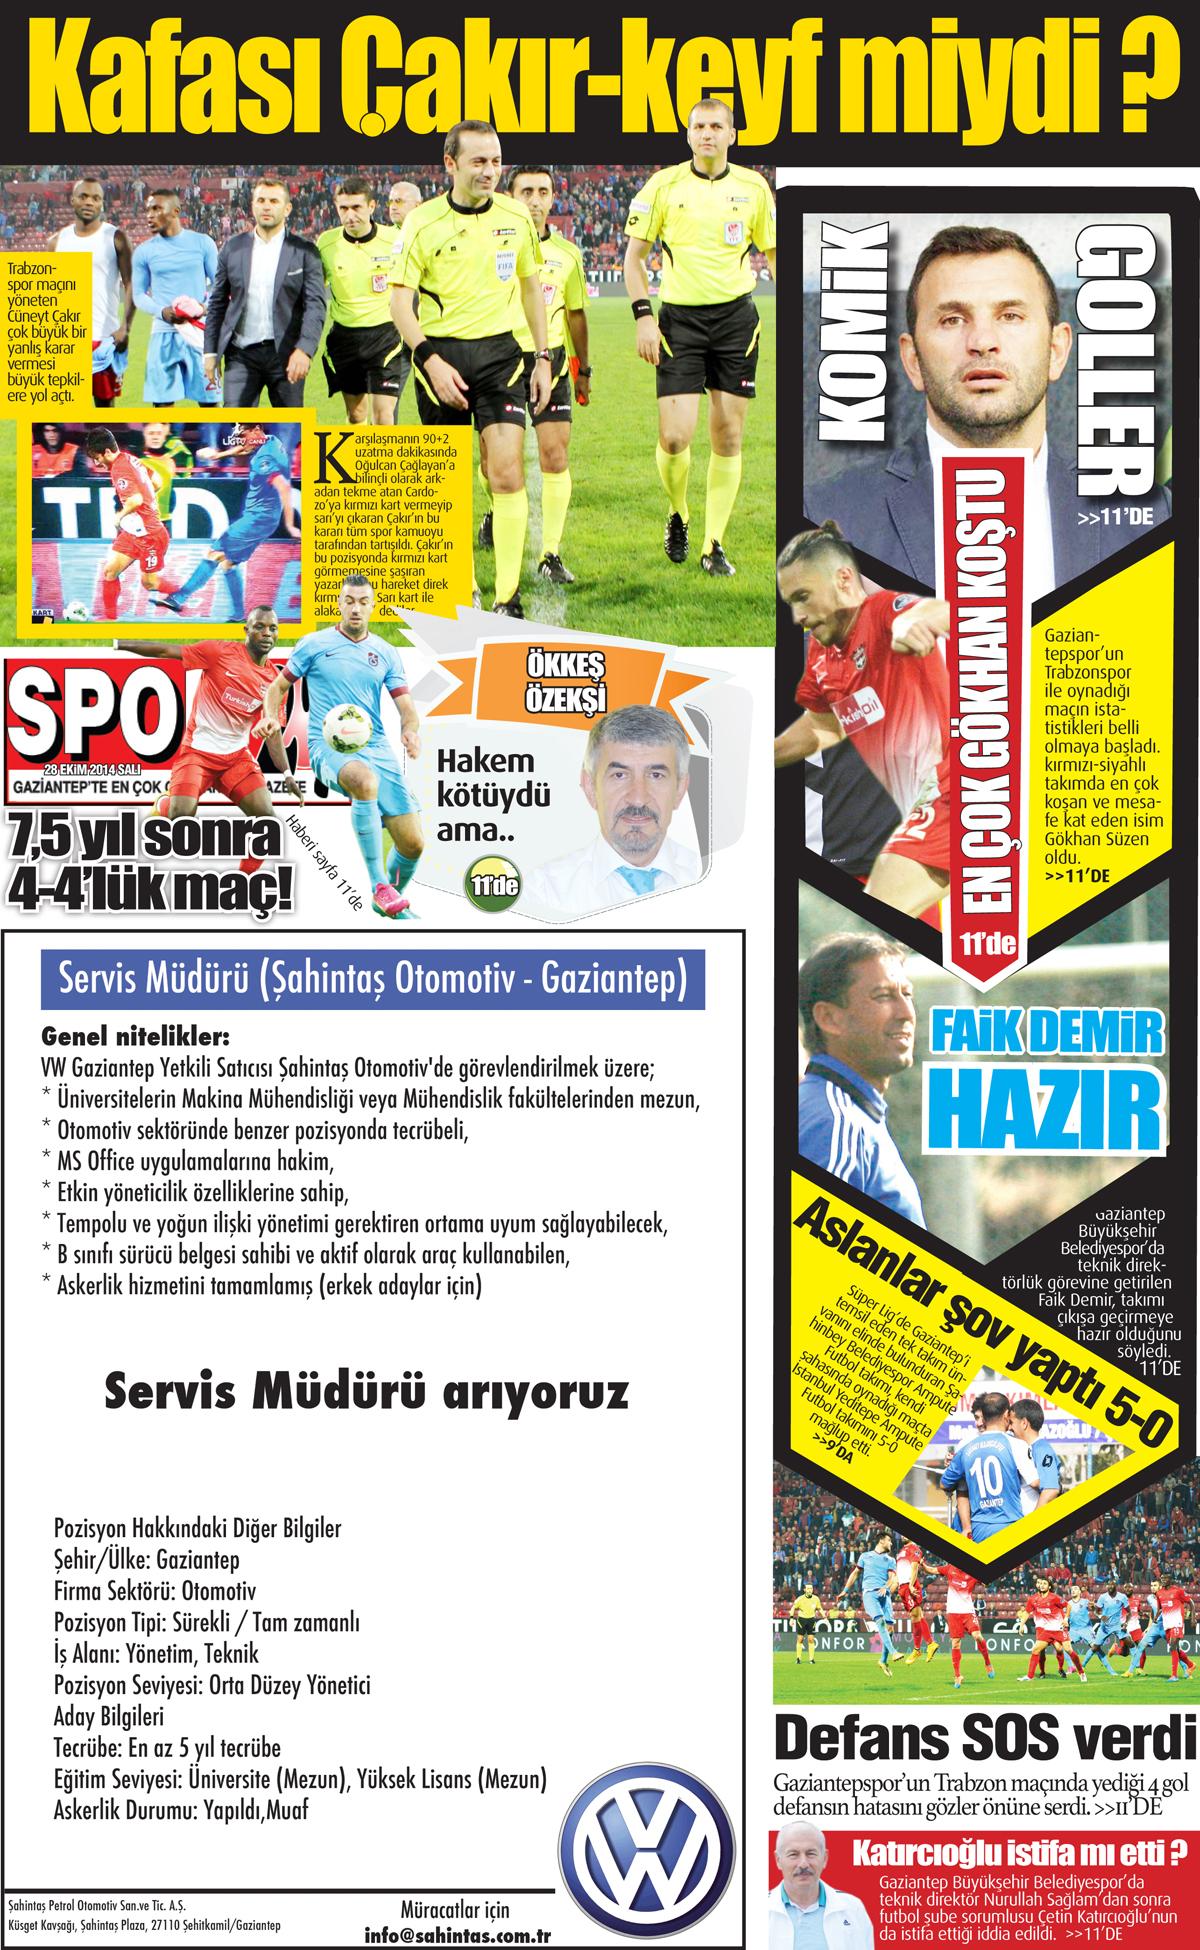 28 EKİM 2014 SALI SAYFALARI 2